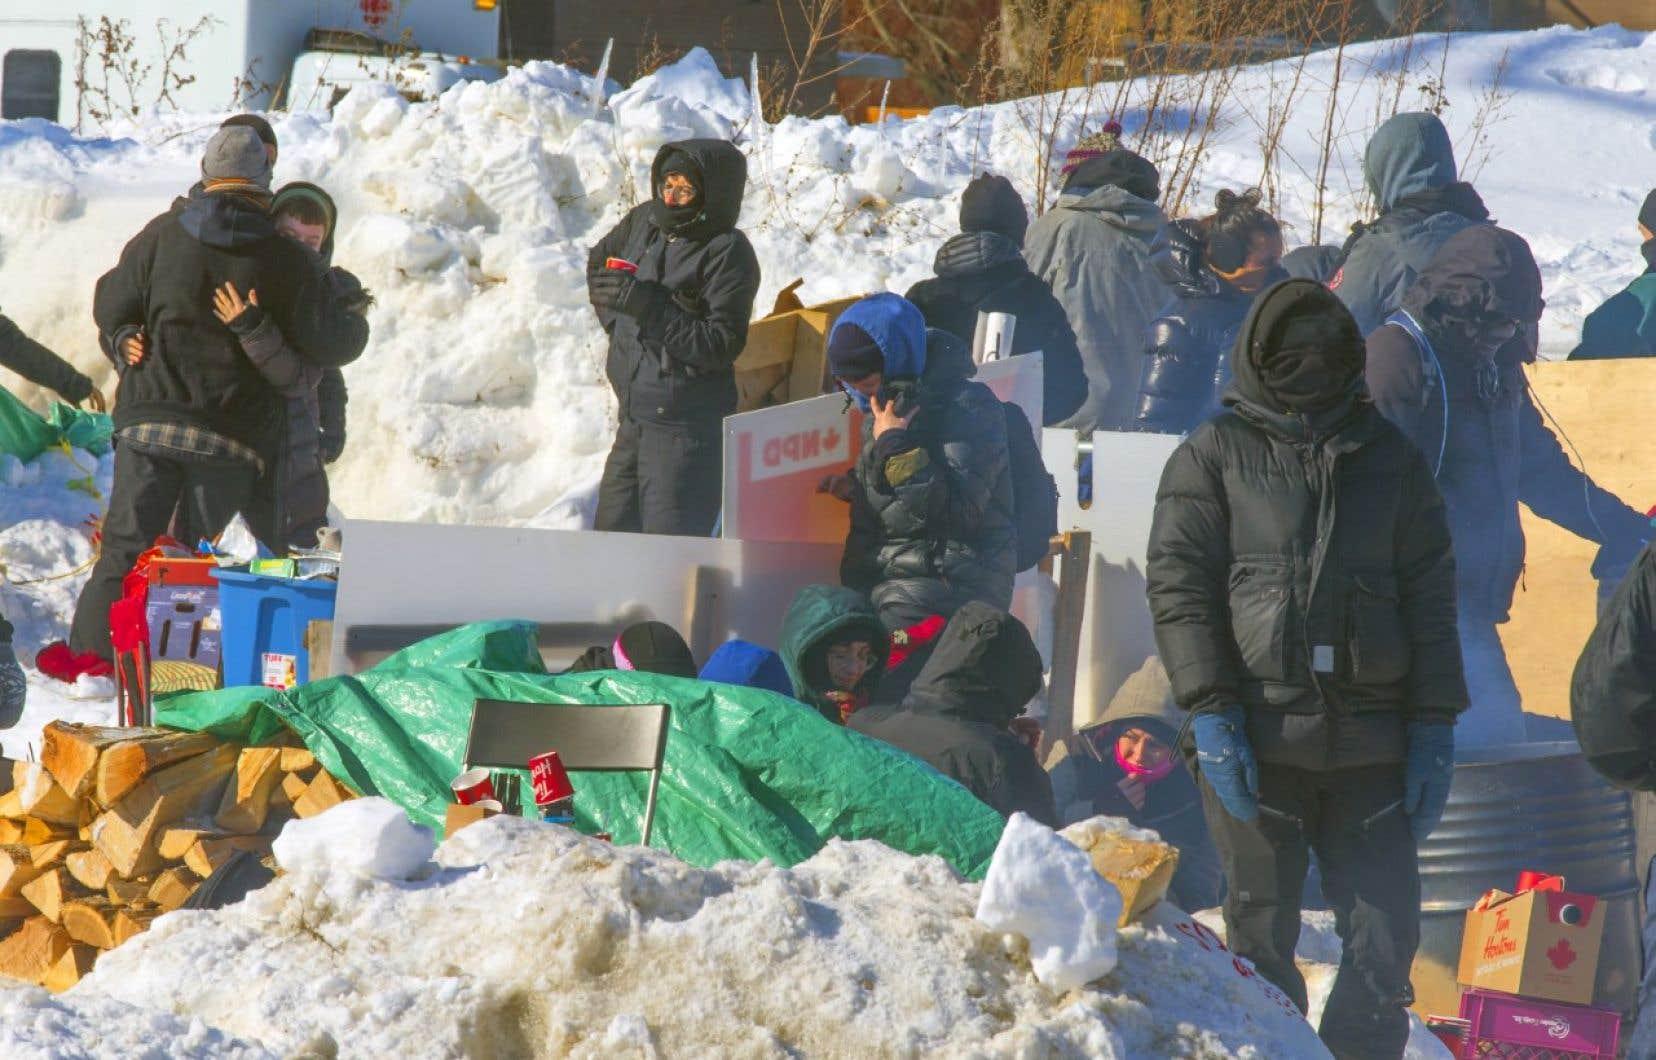 <p>Des véhicules de patrouille passent régulièrement devant la barricade où les militants ont installé des tentes et des abris de fortune.</p>